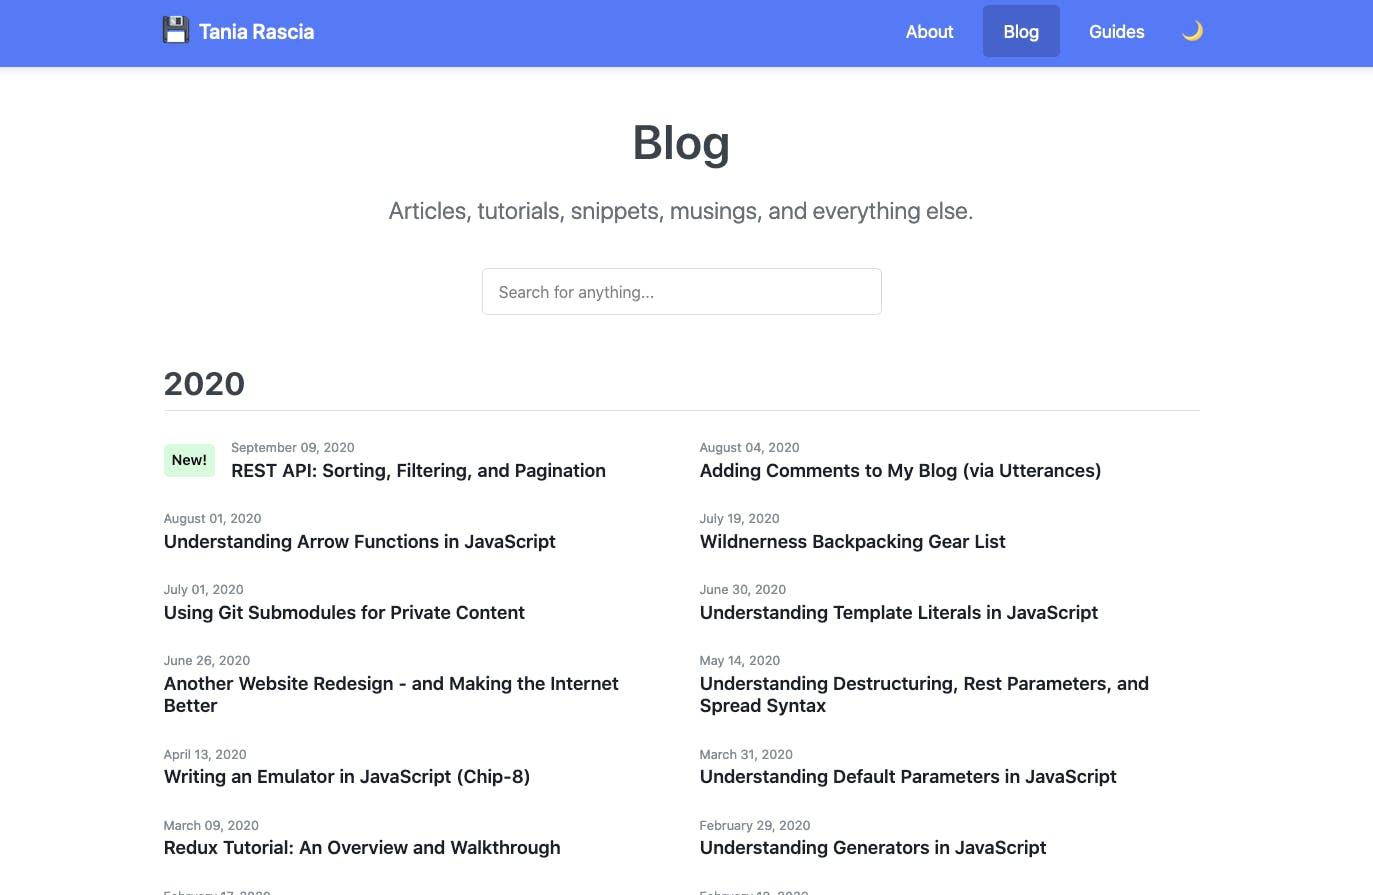 Tania Rascia's blog